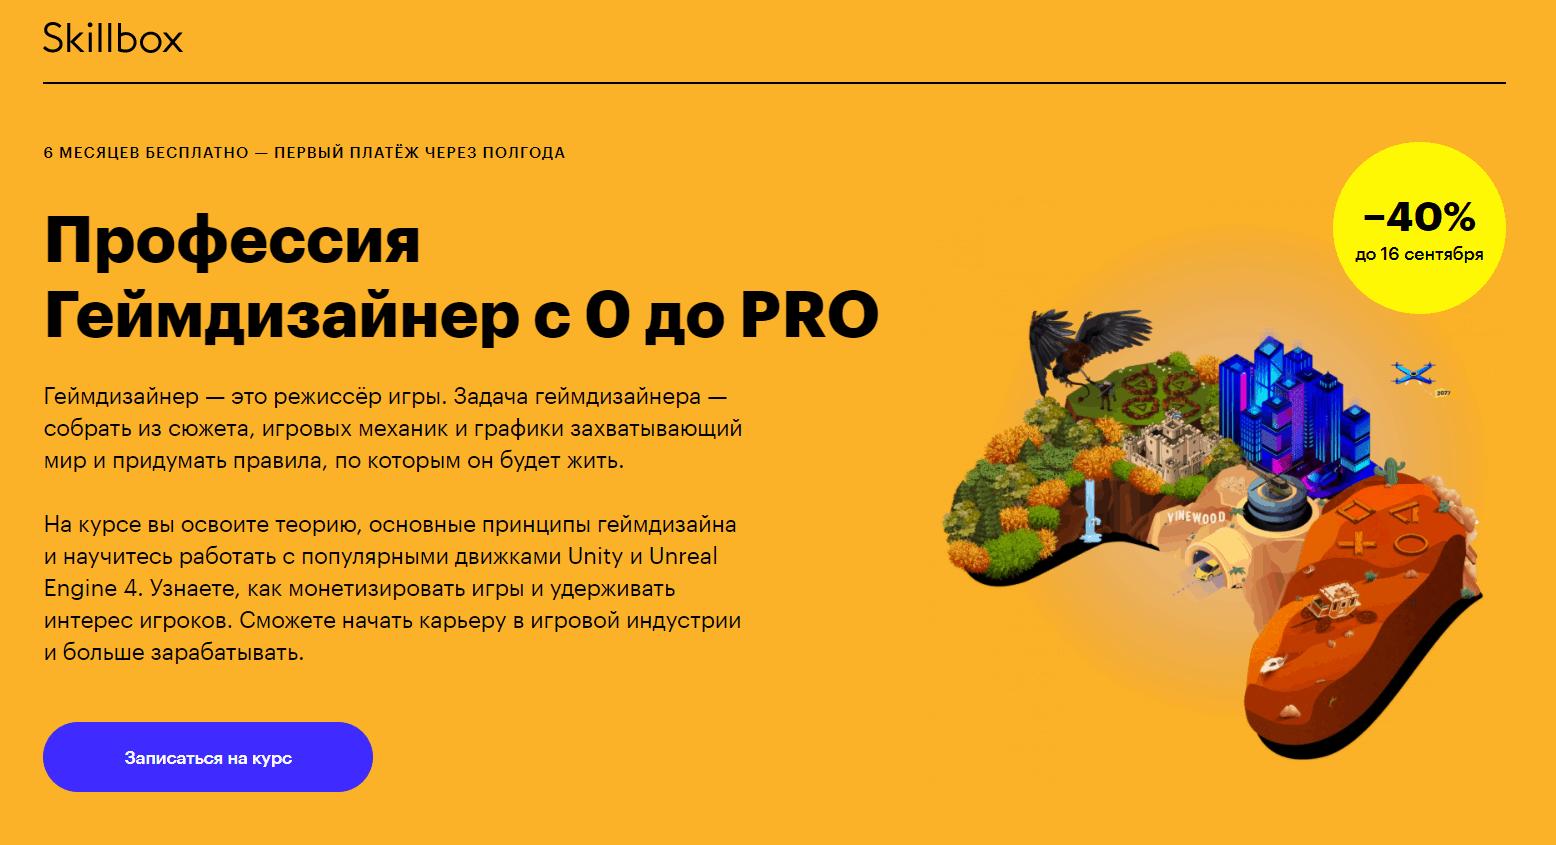 Профессия Геймдизайнер с нуля до Про